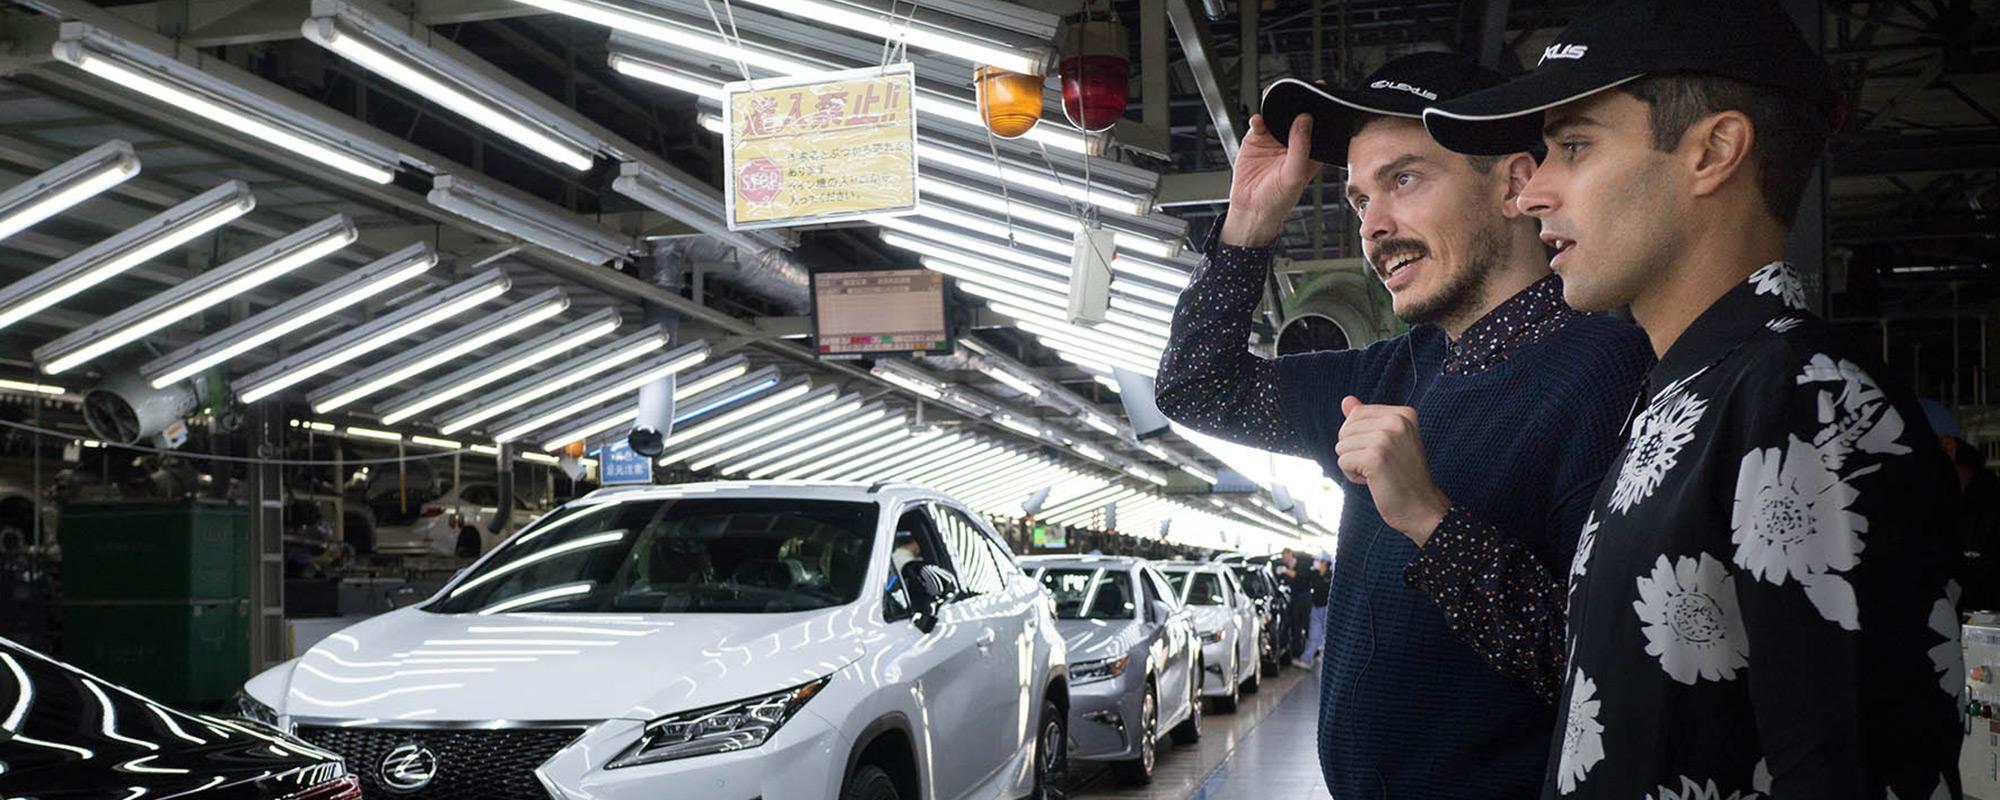 Lexus op Milan Design Week met Nederlandse accent in de tentoonstelling